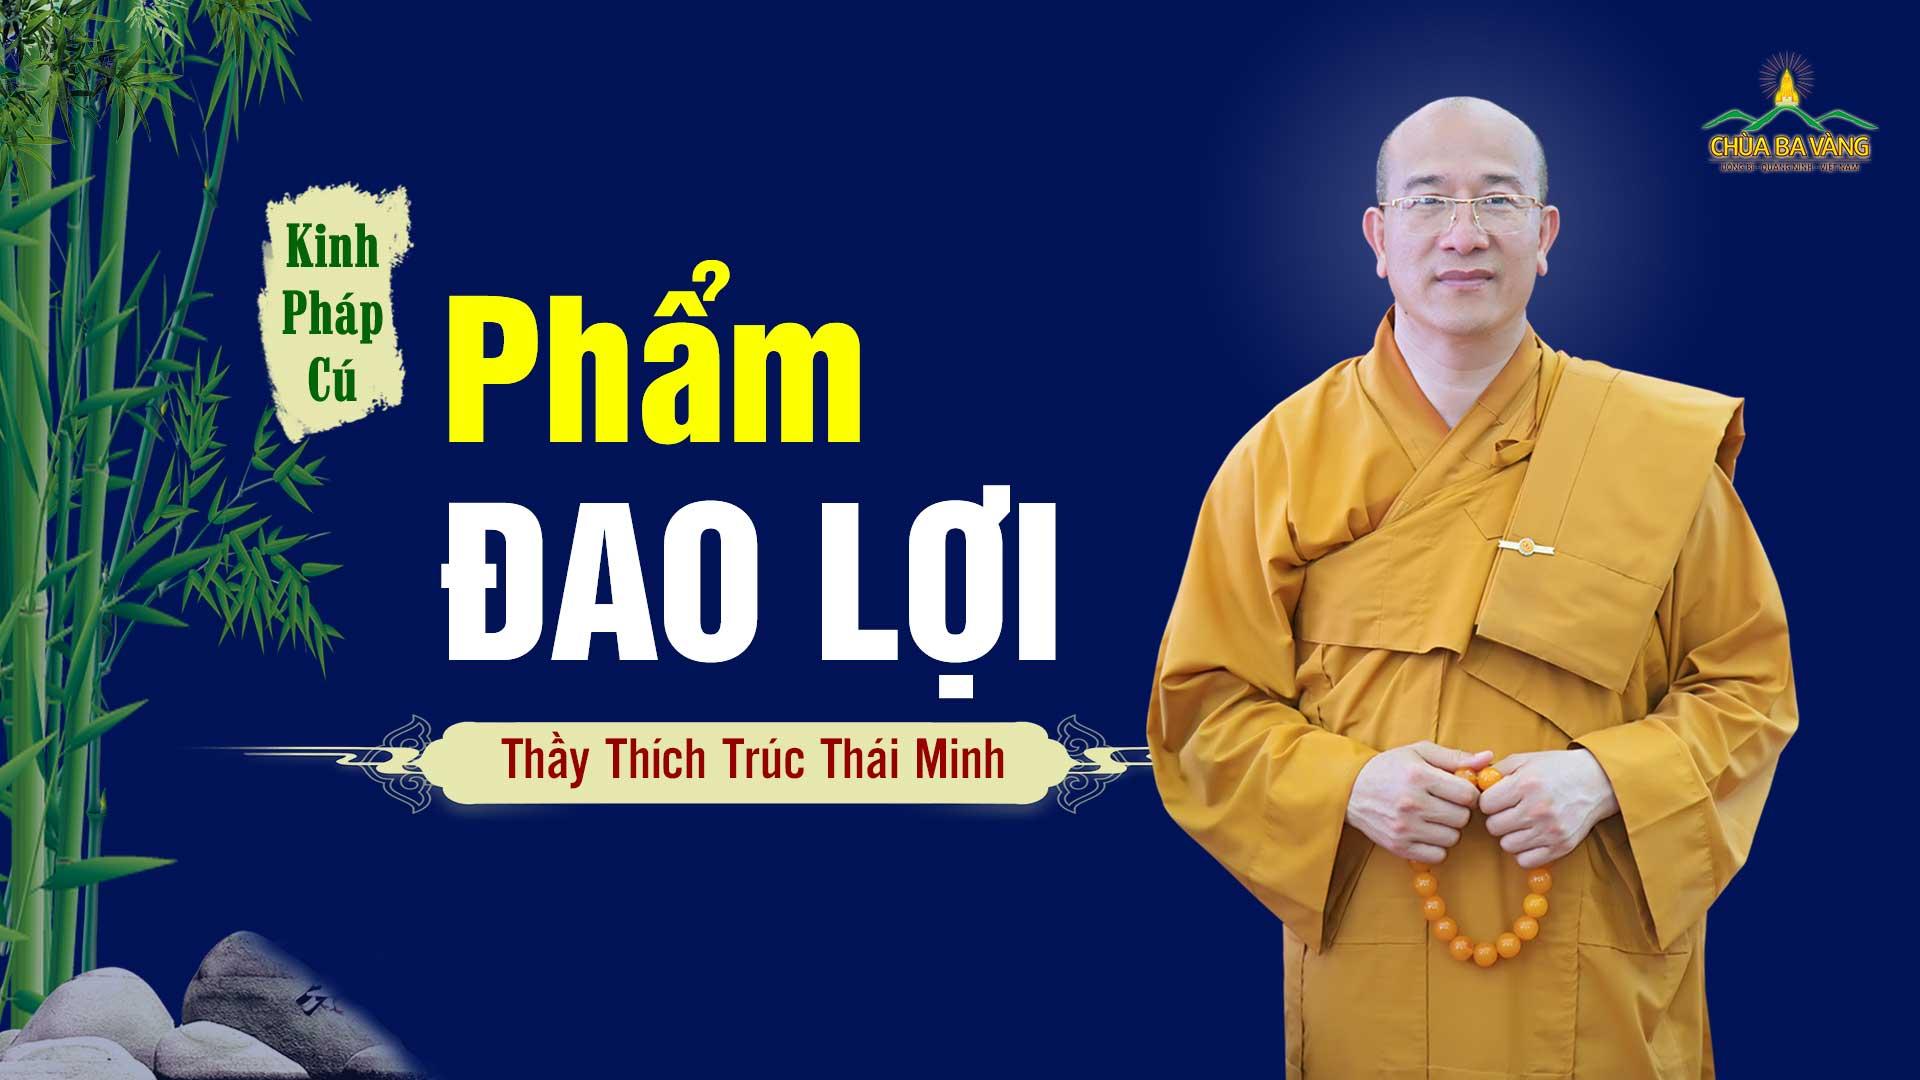 Phẩm Đao Lợi, kinh Pháp Cú - Thầy Thích Trúc Thái Minh giảng giải